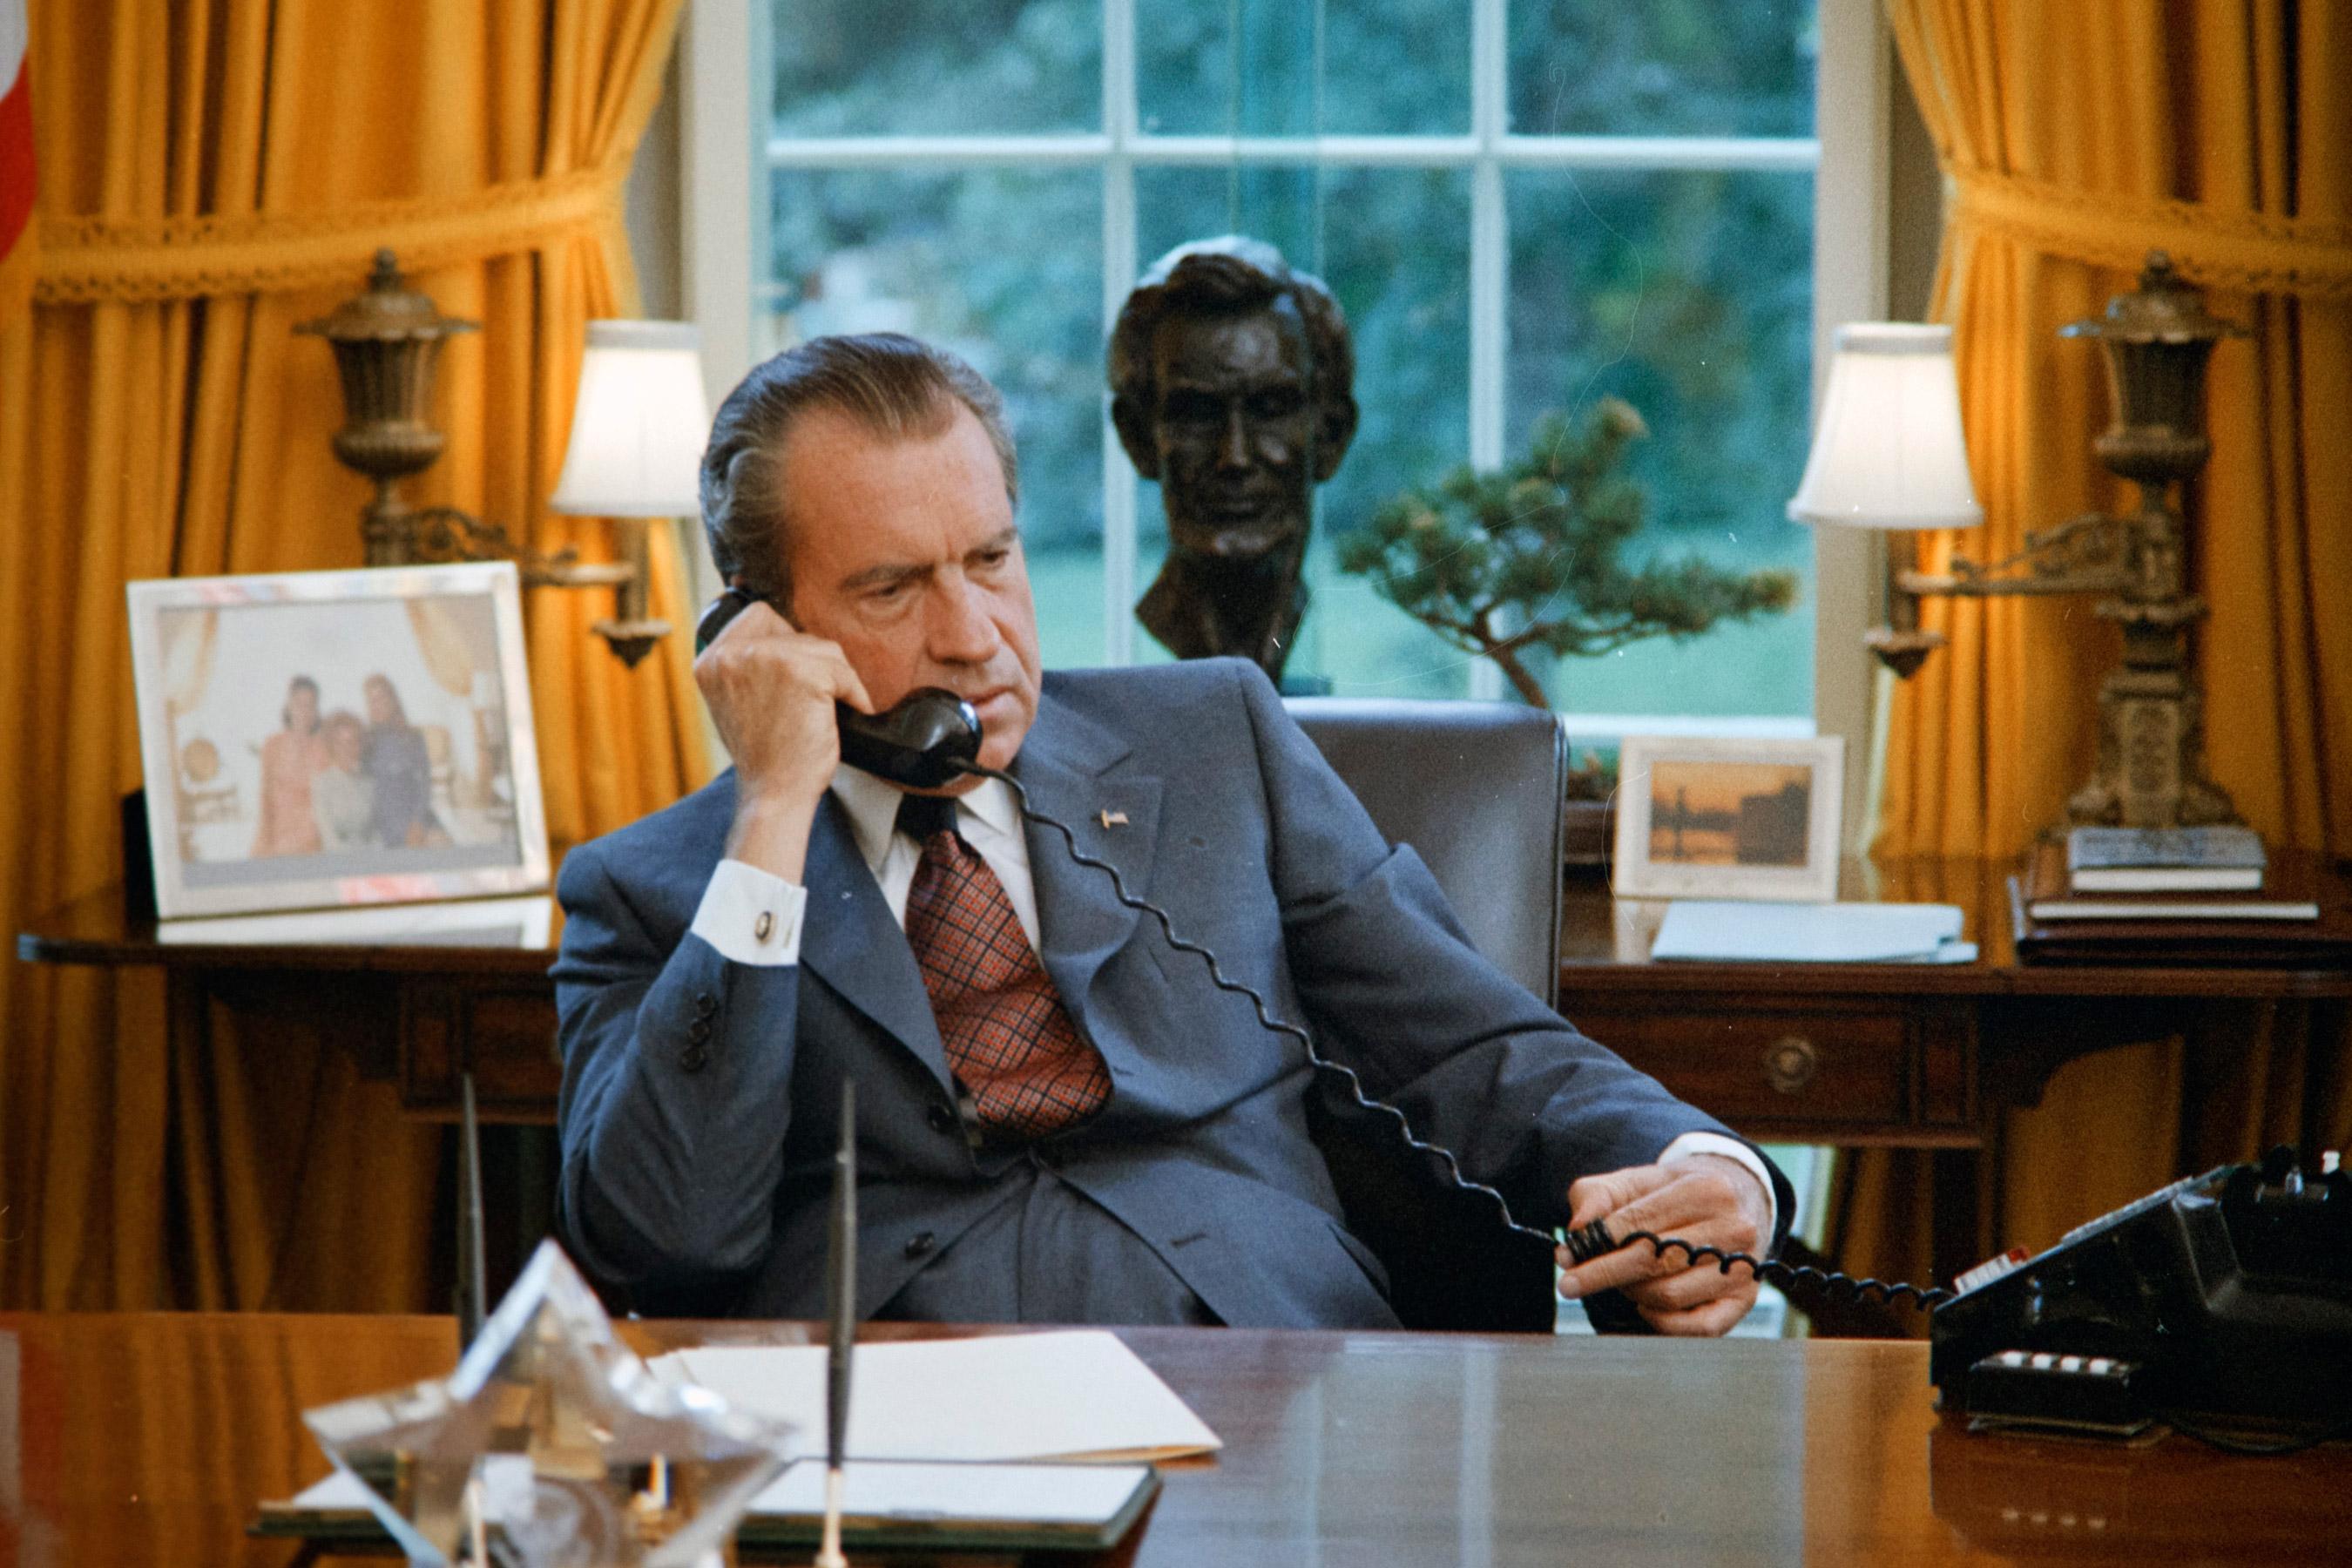 President Nixon seated at his desk, June 23, 1972.